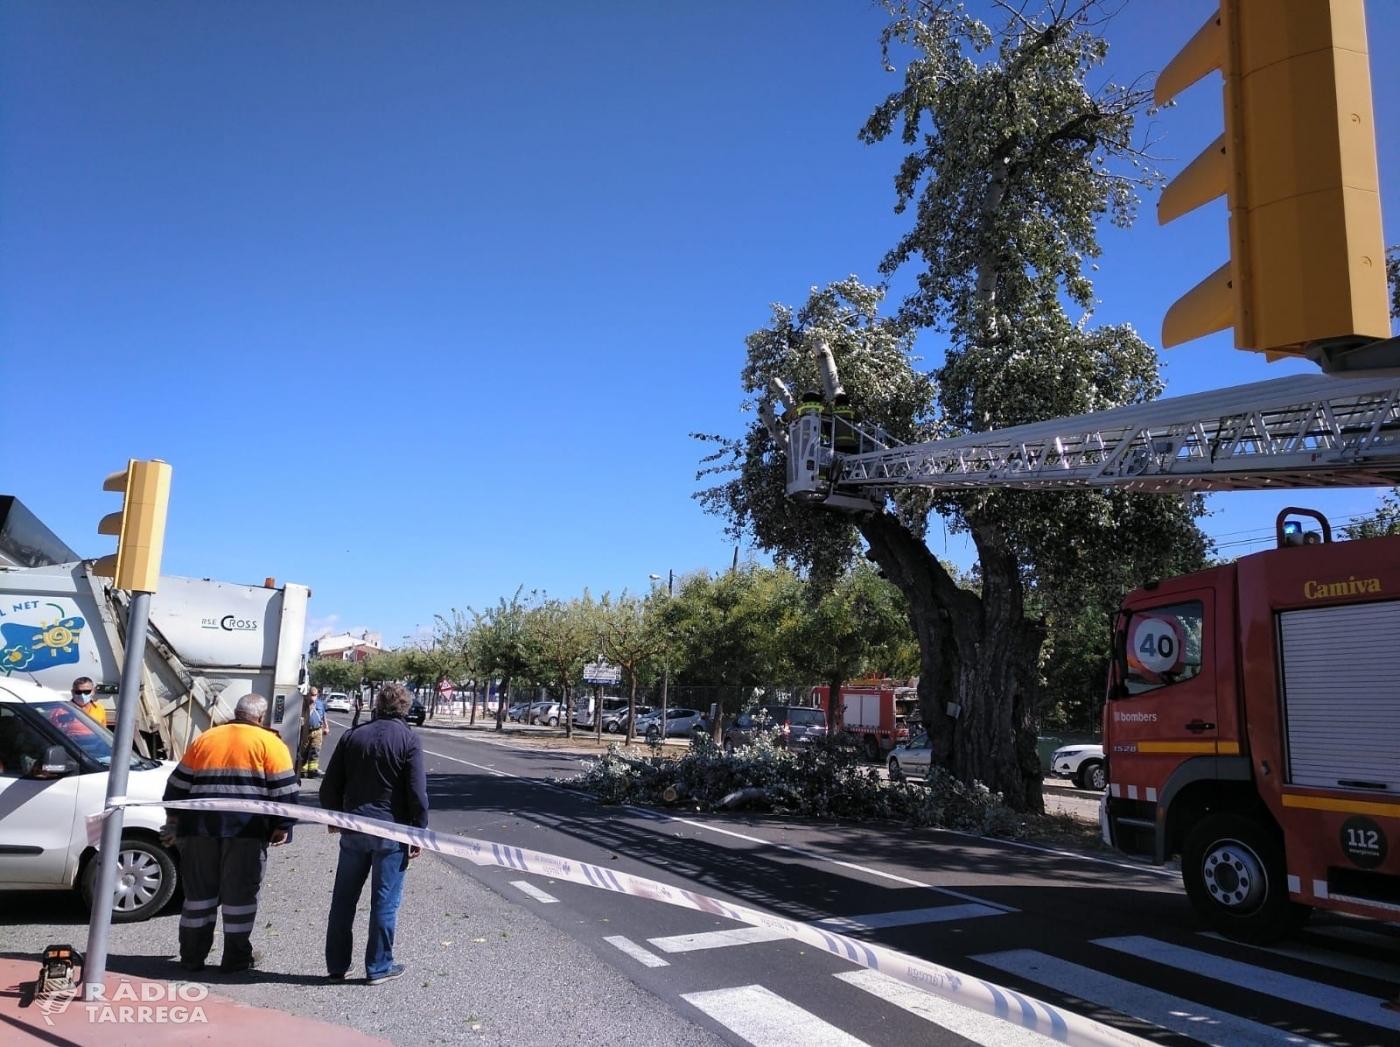 El vent provoca diversos incidents a Tàrrega, principalment en arbres i contenidors